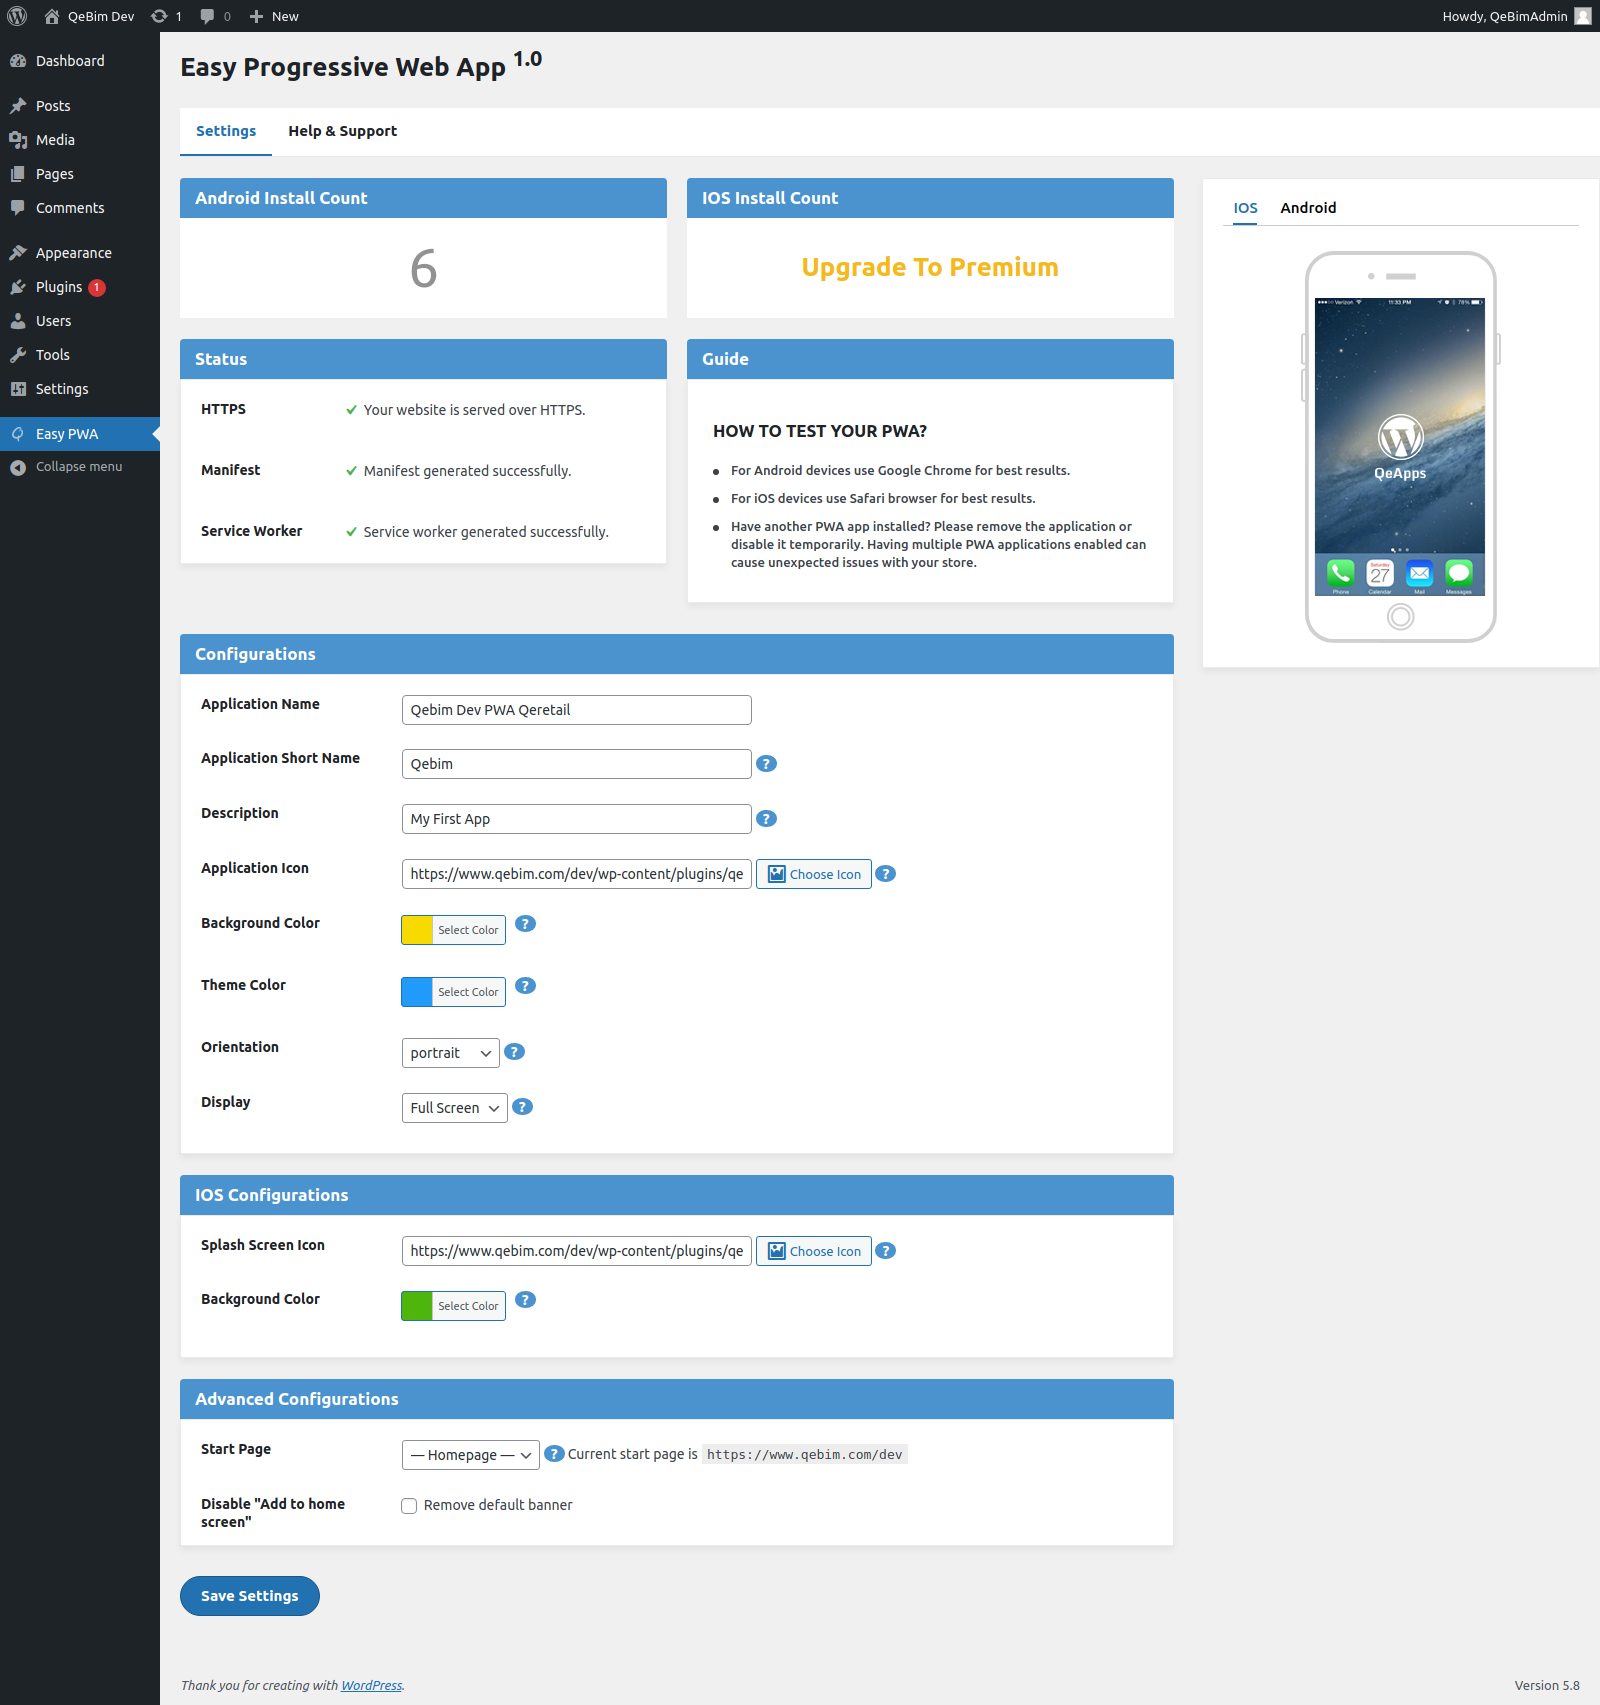 Easy Progressive Web App